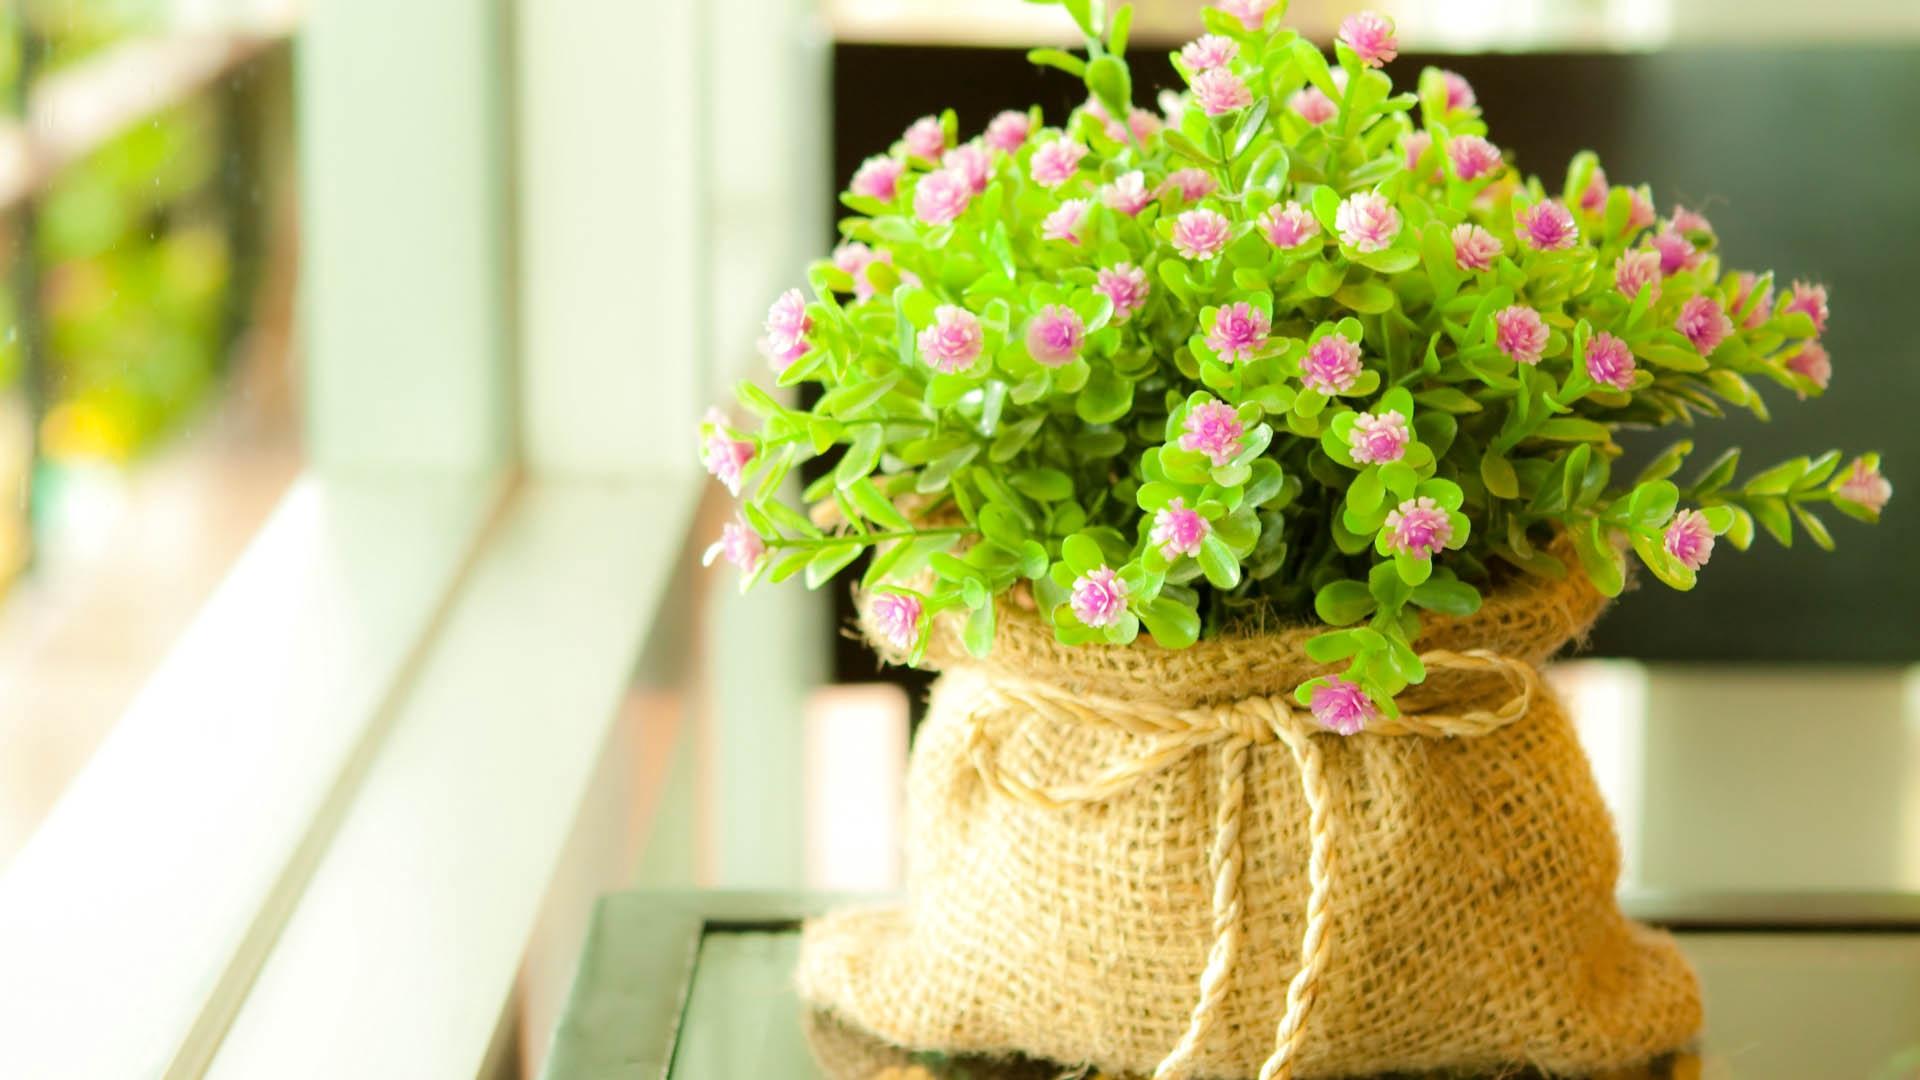 Floral Cute Desktop Wallpaper Full Screen